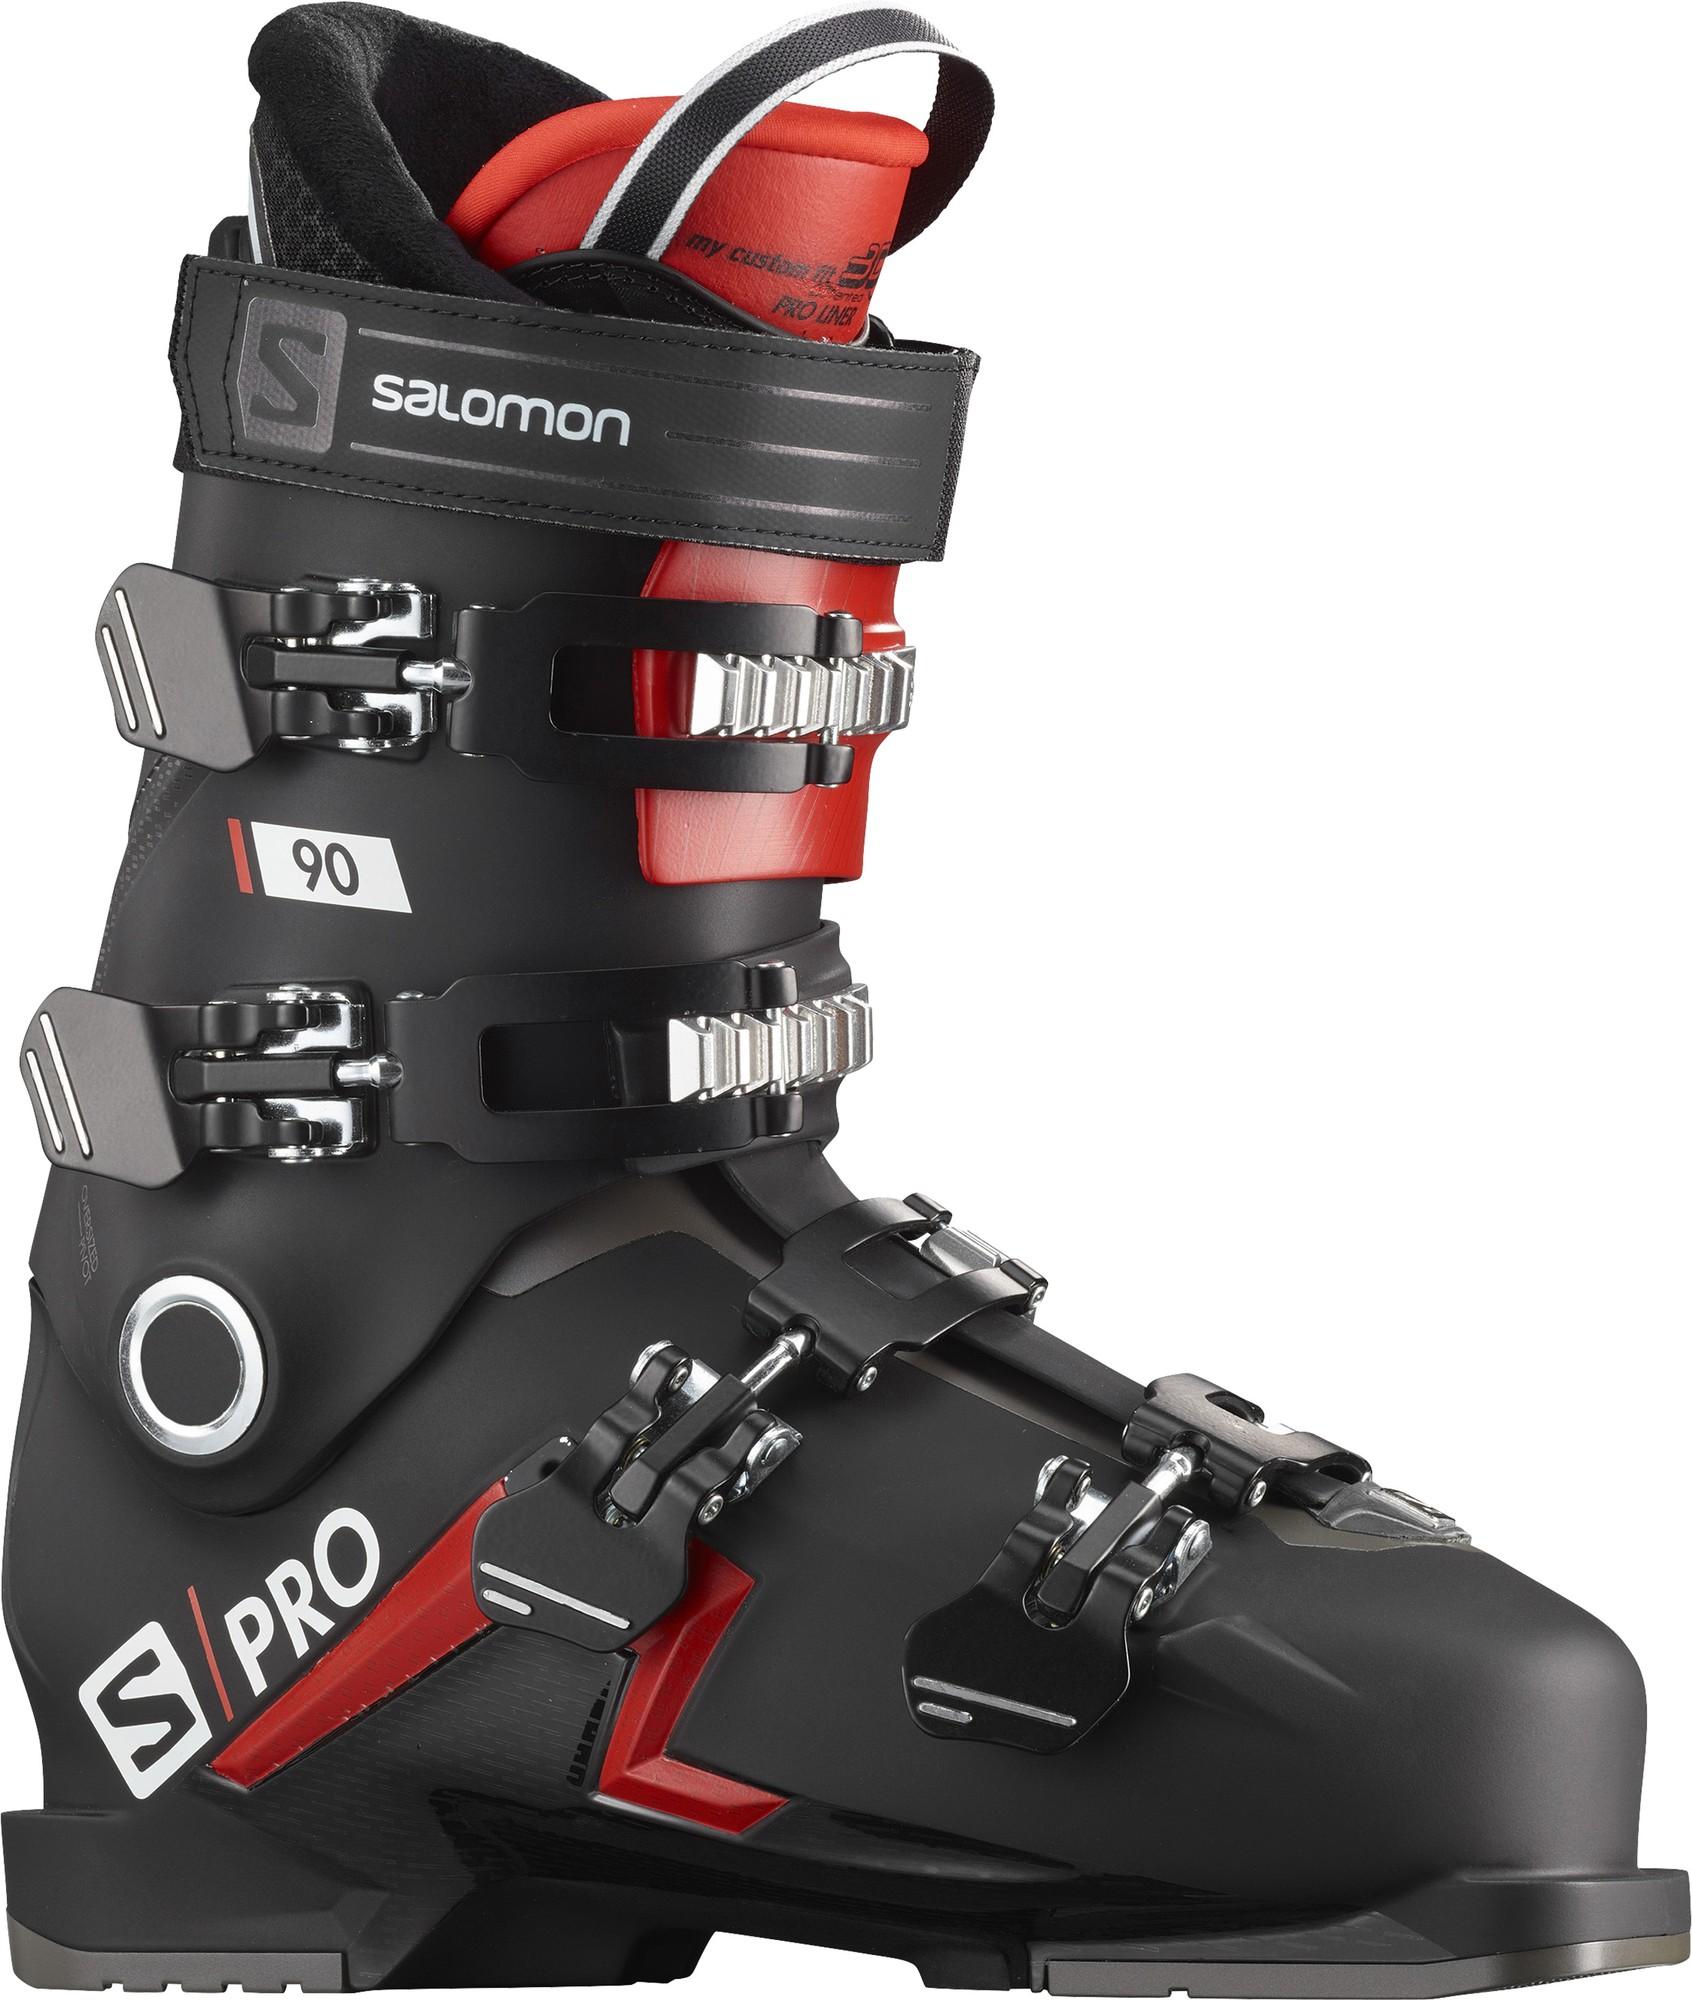 Salomon Ботинки горнолыжные Salomon S/PRO 90, размер 30 см